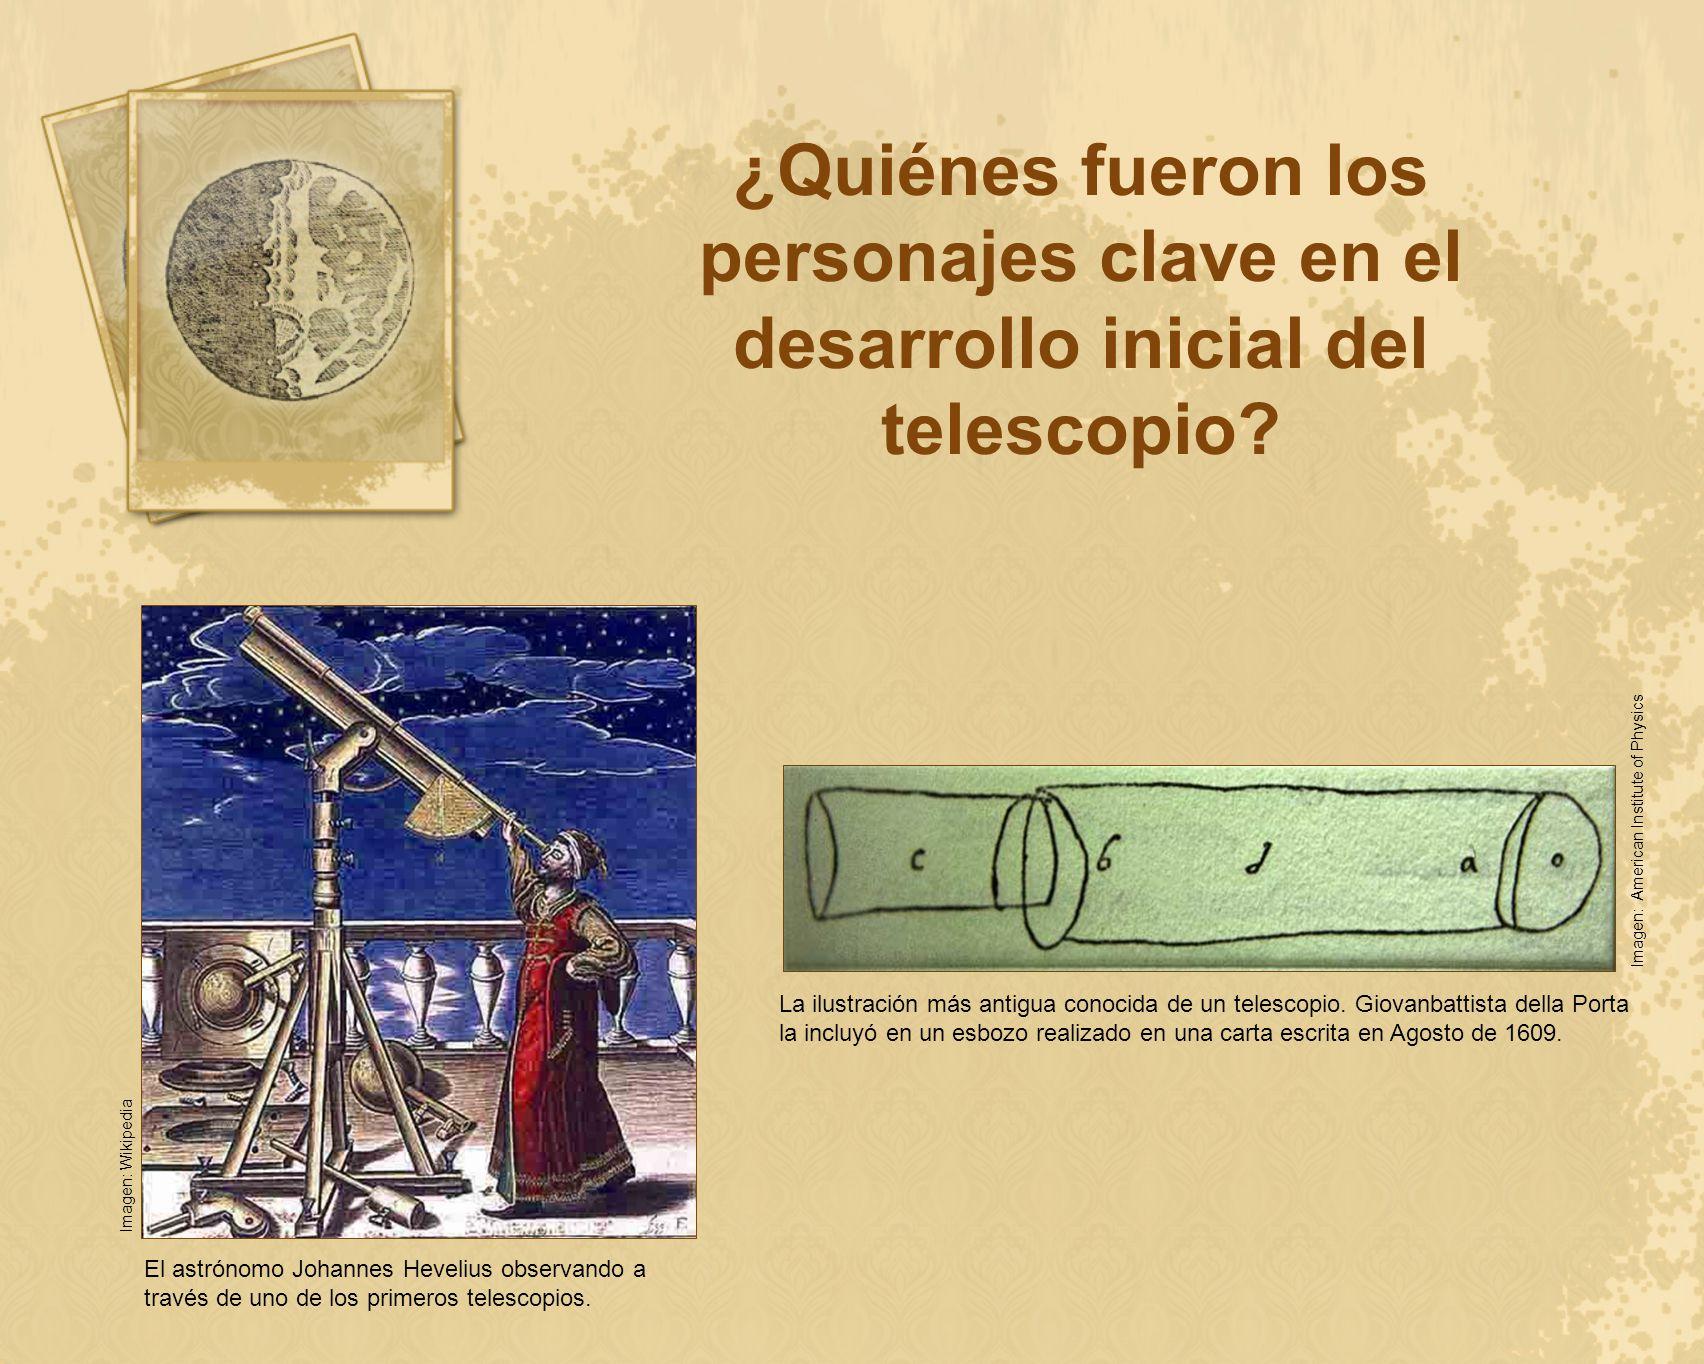 ¿Quiénes fueron los personajes clave en el desarrollo inicial del telescopio